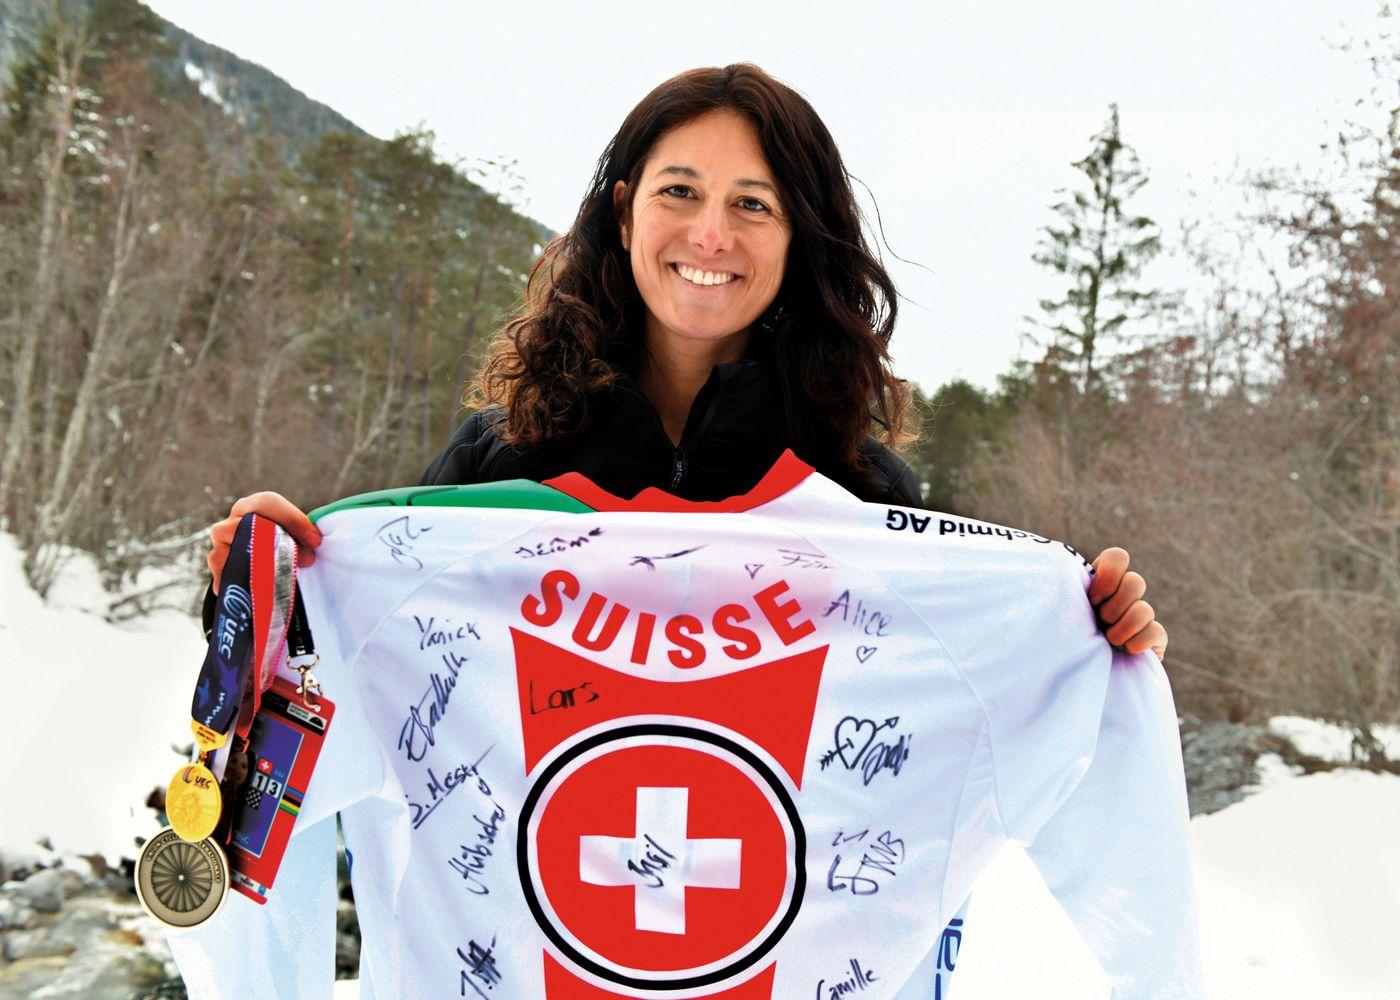 Alice Kühne - Die ehemalige Rennfahrerin ist zweifache Weltmeisterin in der Masters-Kategorie Downhill